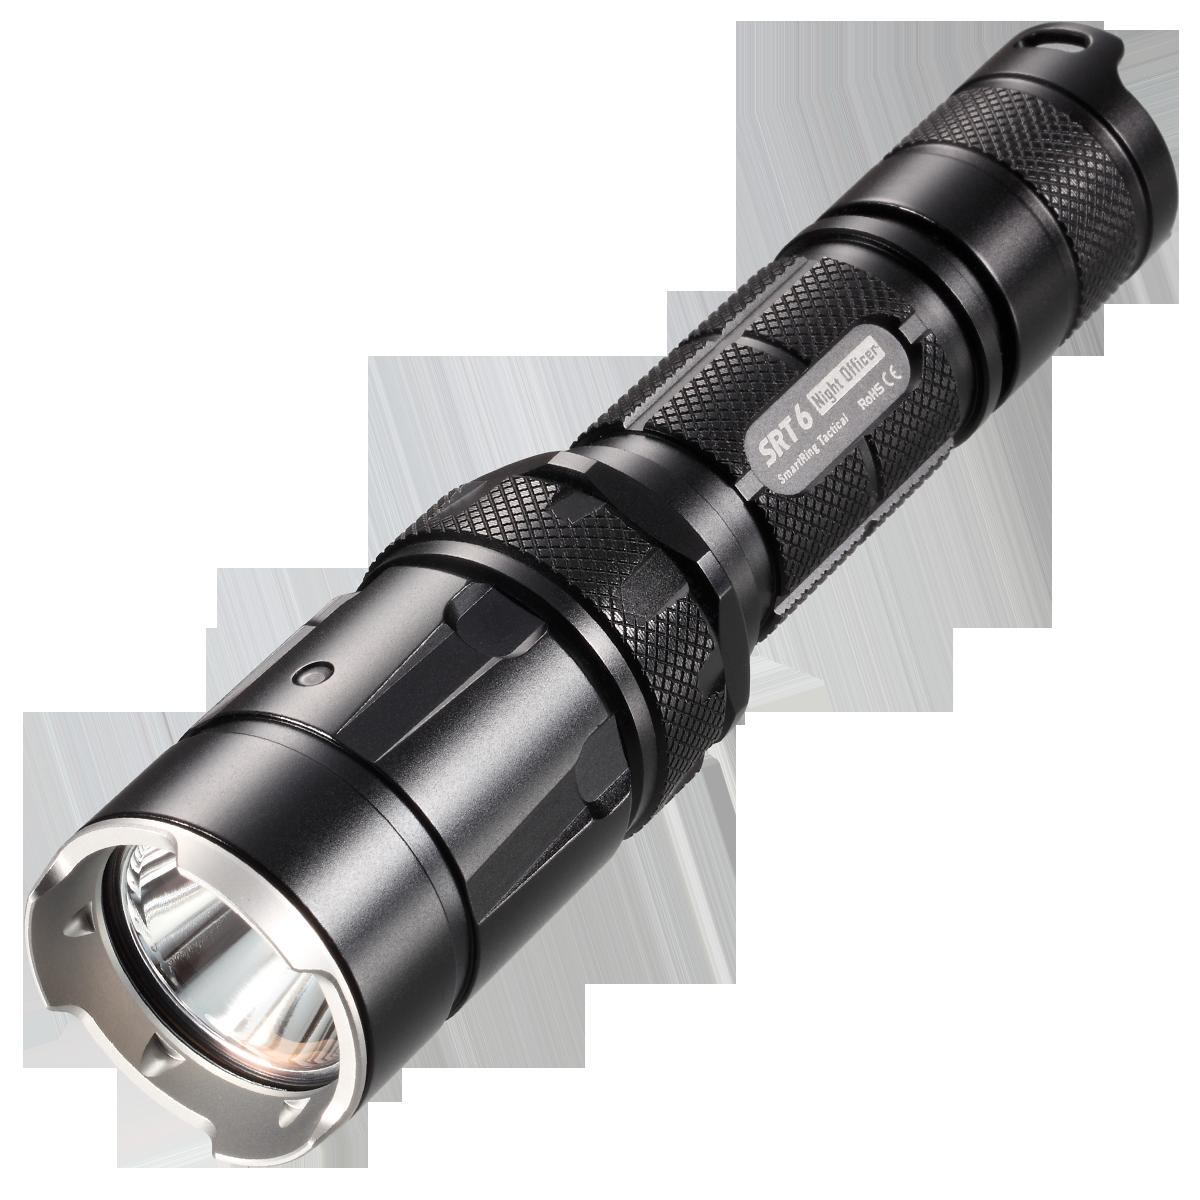 Free Png Downloads Konfest Led Flashlight Tactical Led Flashlight Flashlight